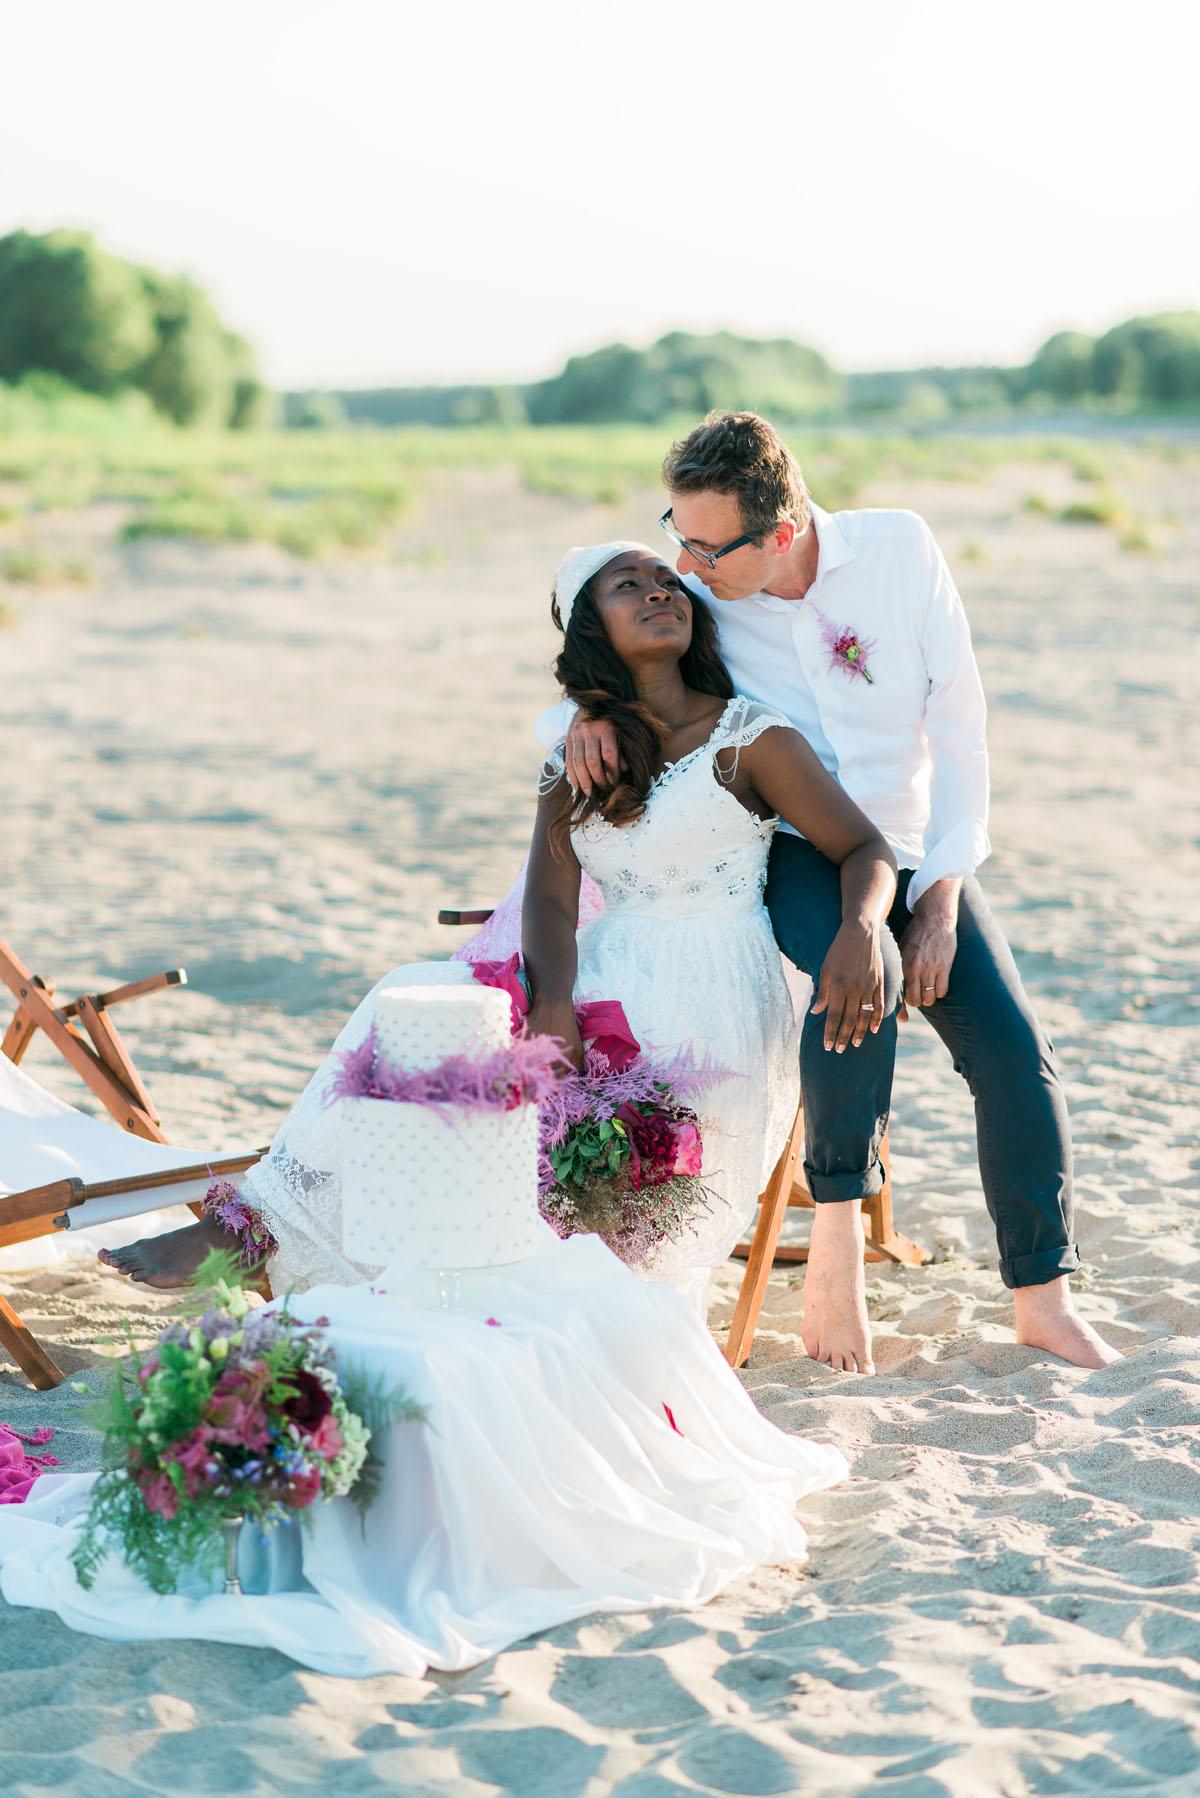 Matrimonio Simbolico Sulla Spiaggia : Un matrimonio boho chic e colorato sulle rive del po